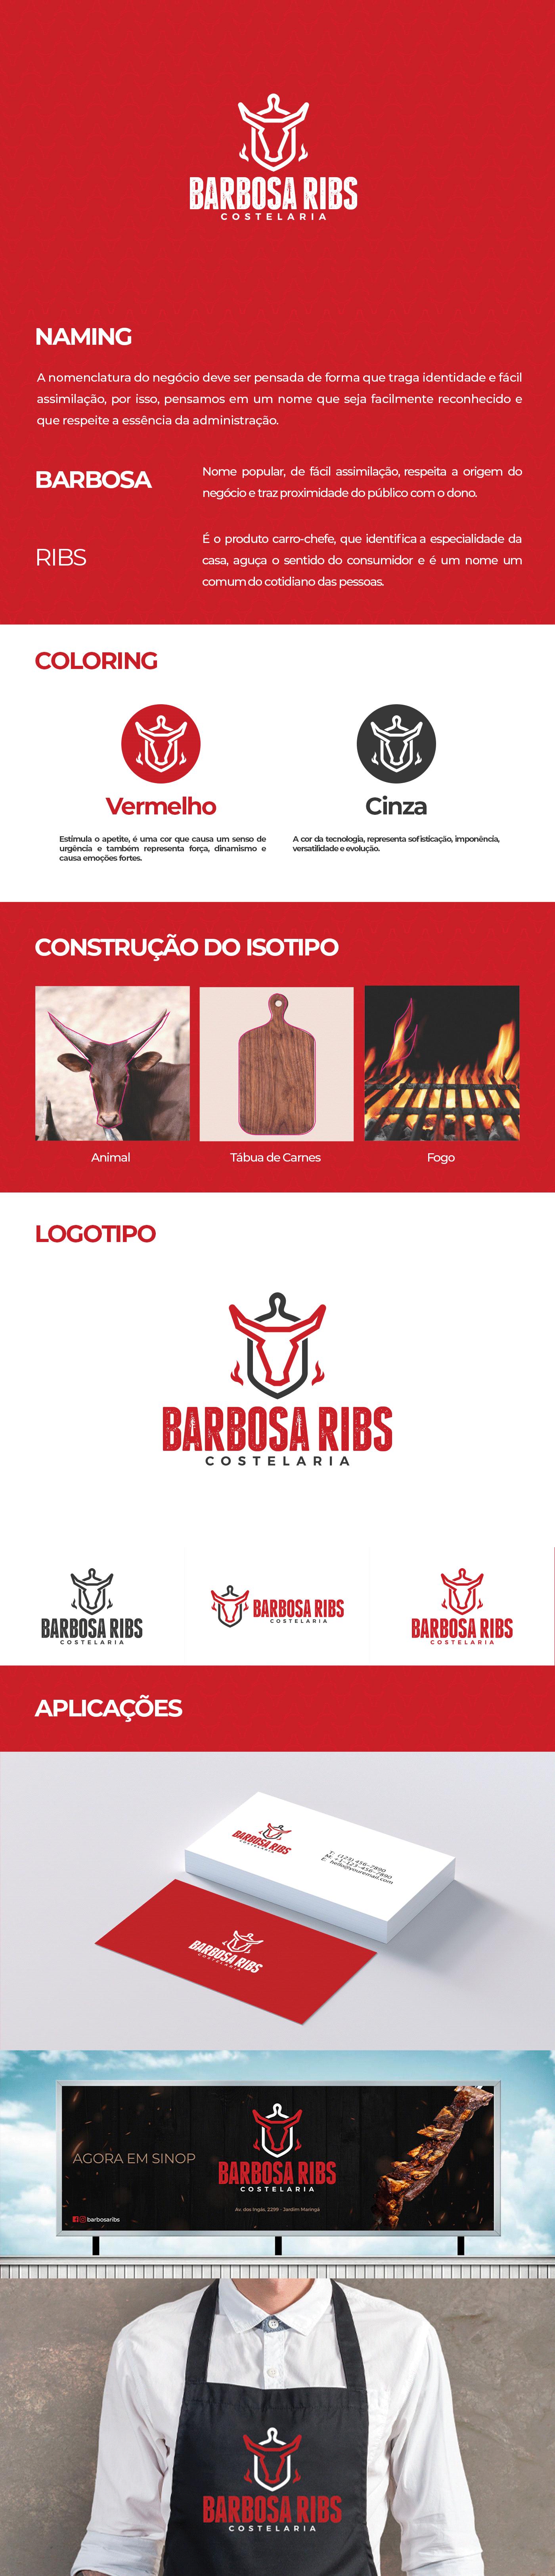 Barbosa Ribs Costelaria Mato Grosso S1 Comunicação Sinop